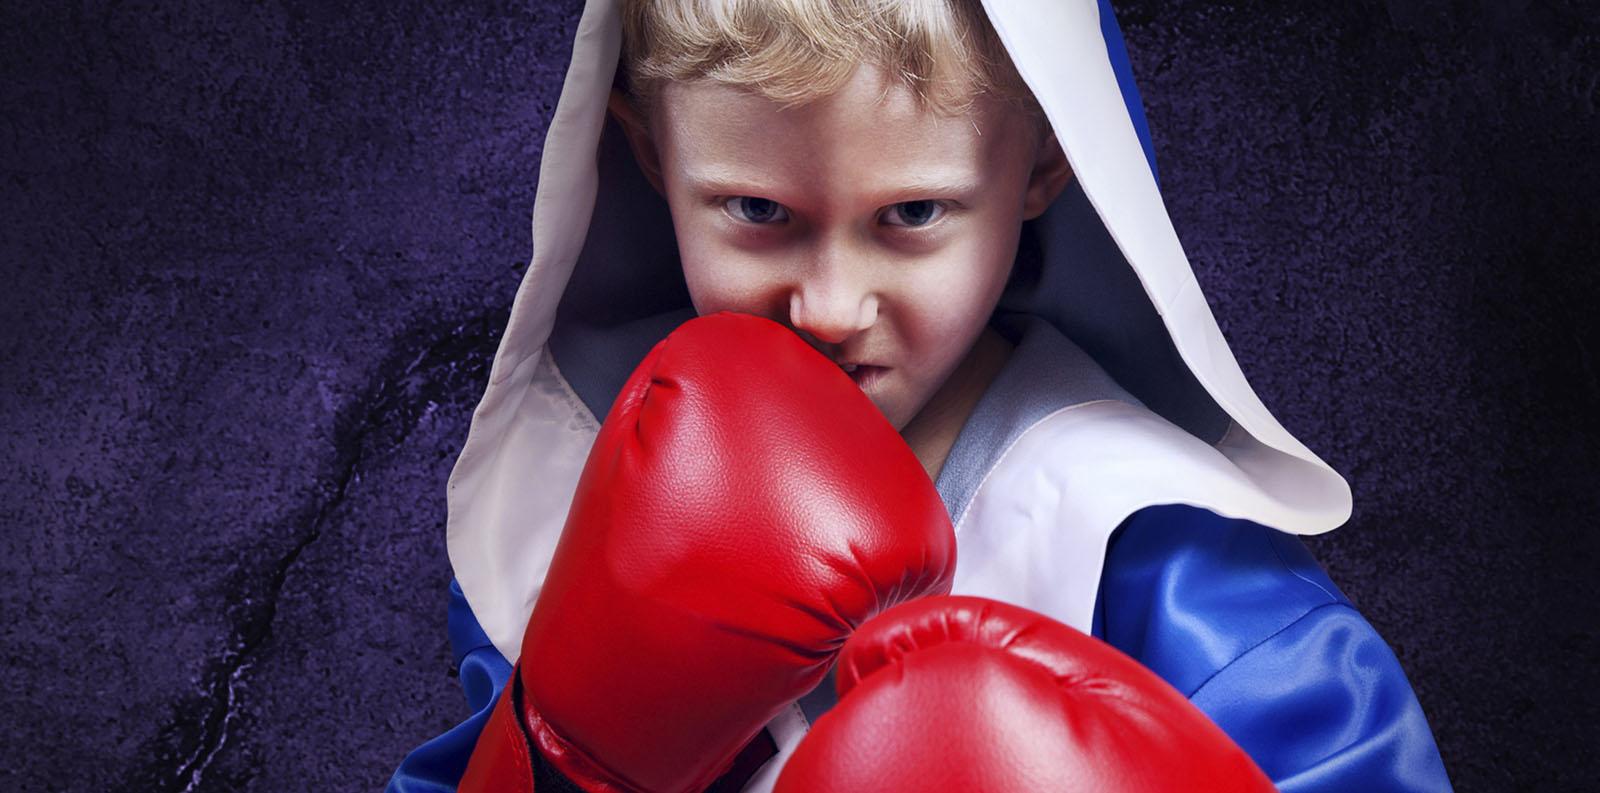 Картинки мальчиков боксеров